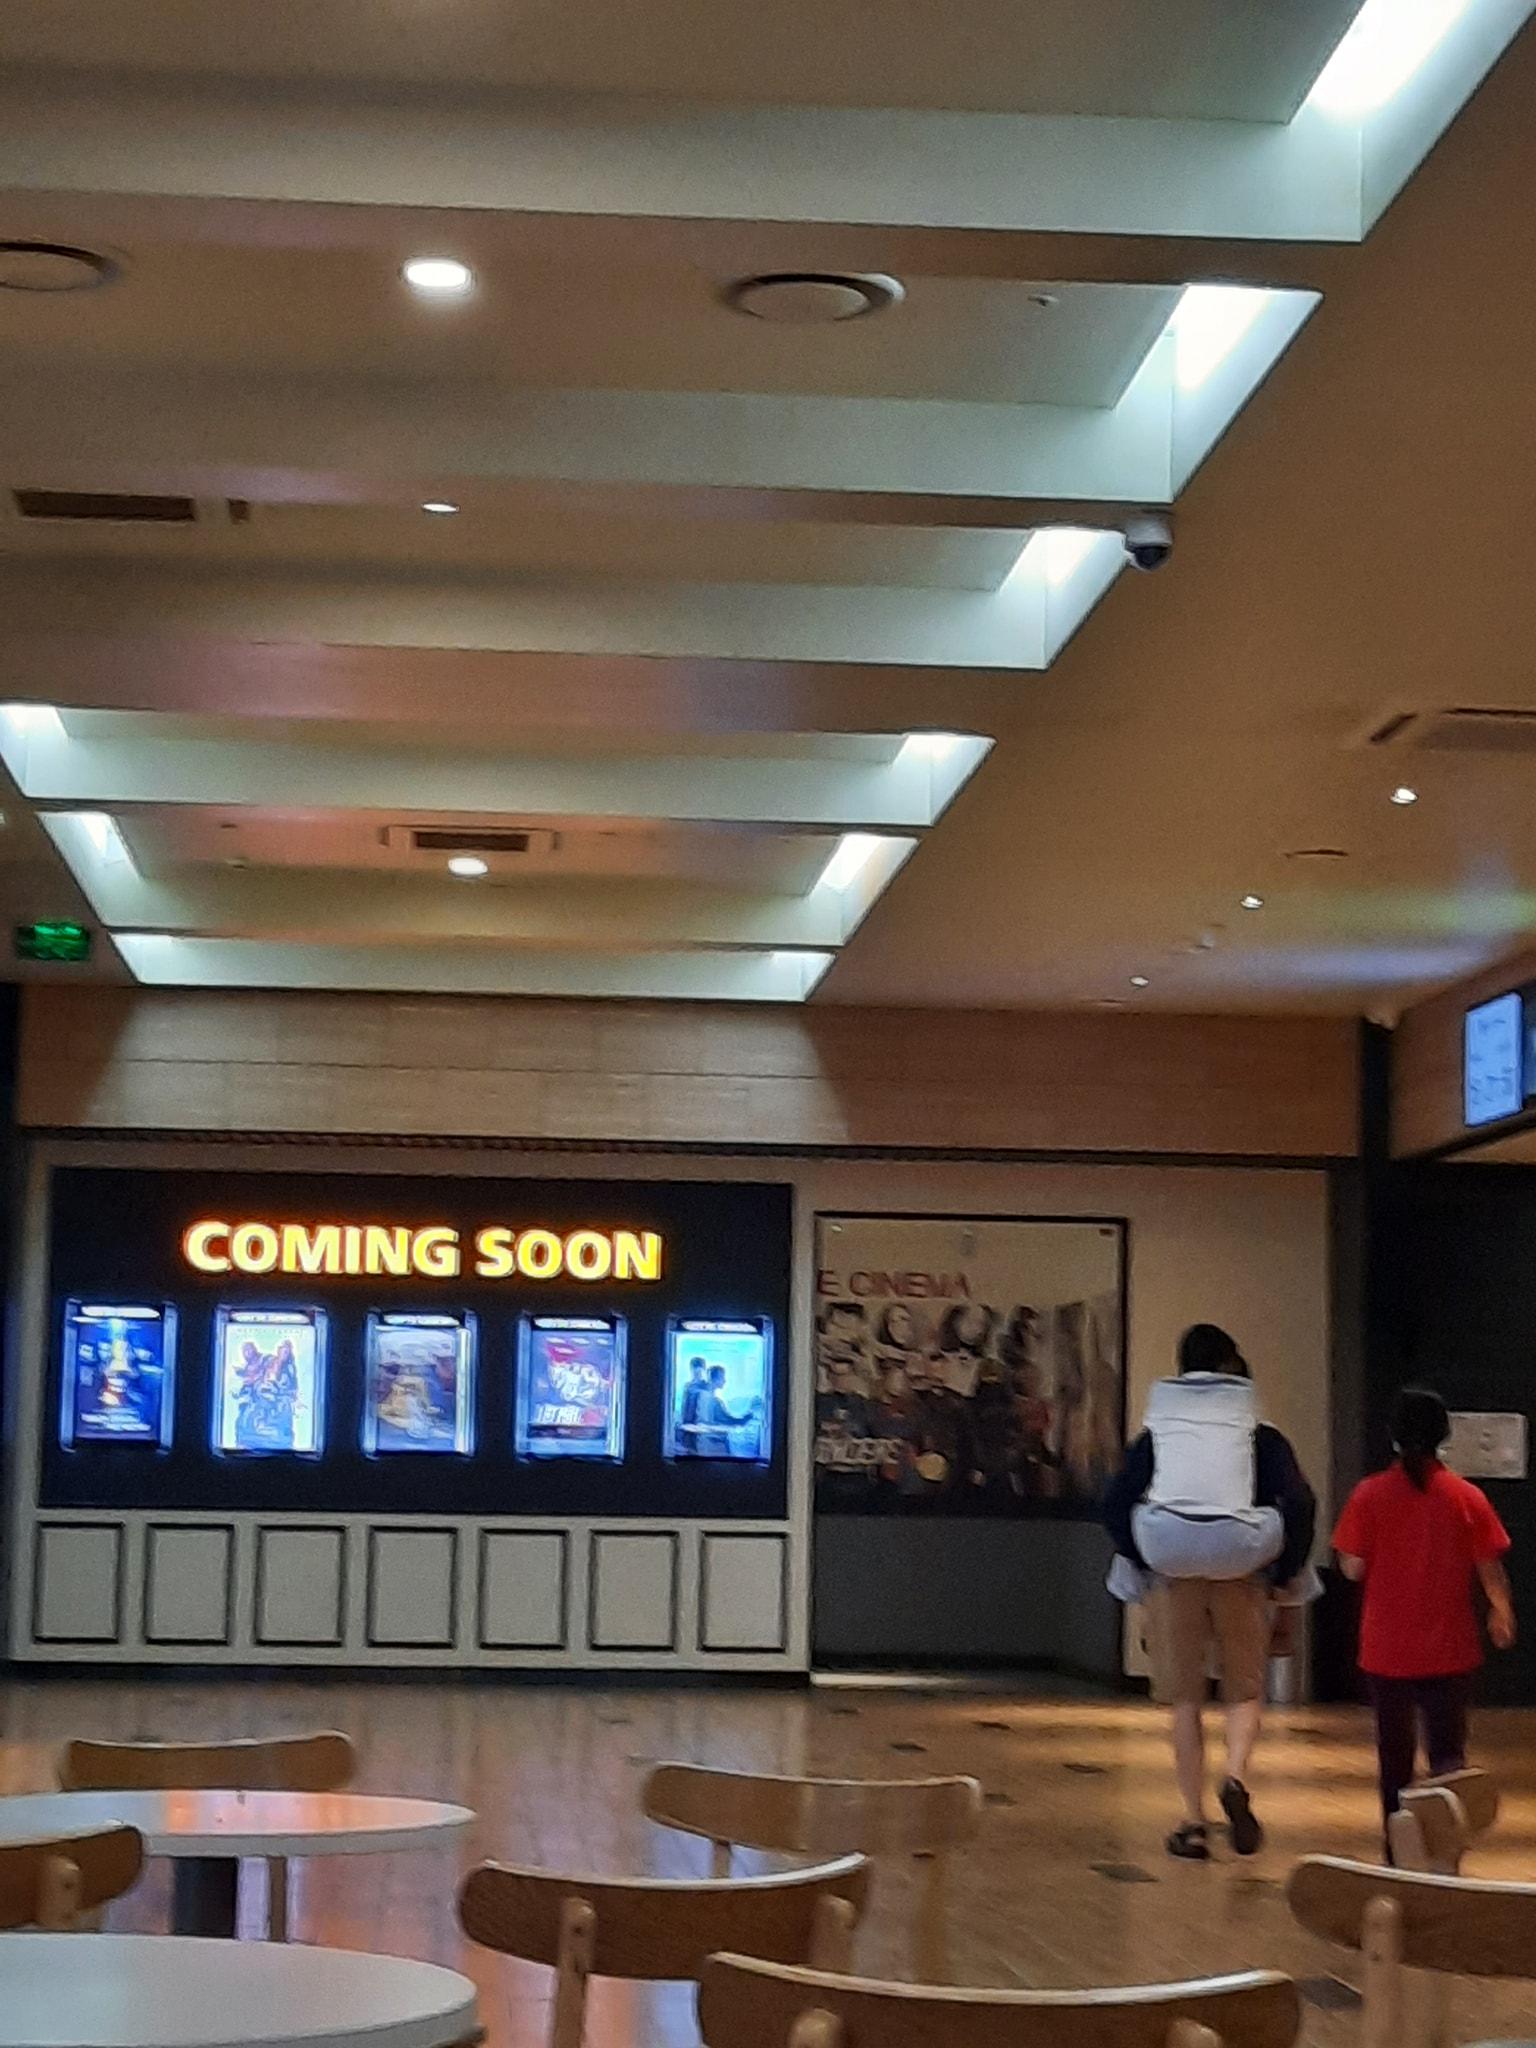 Xúc động hình ảnh con trai cõng bố già đến rạp chiếu phim: Ba ngồi đây nghỉ để con đi mua vé 002